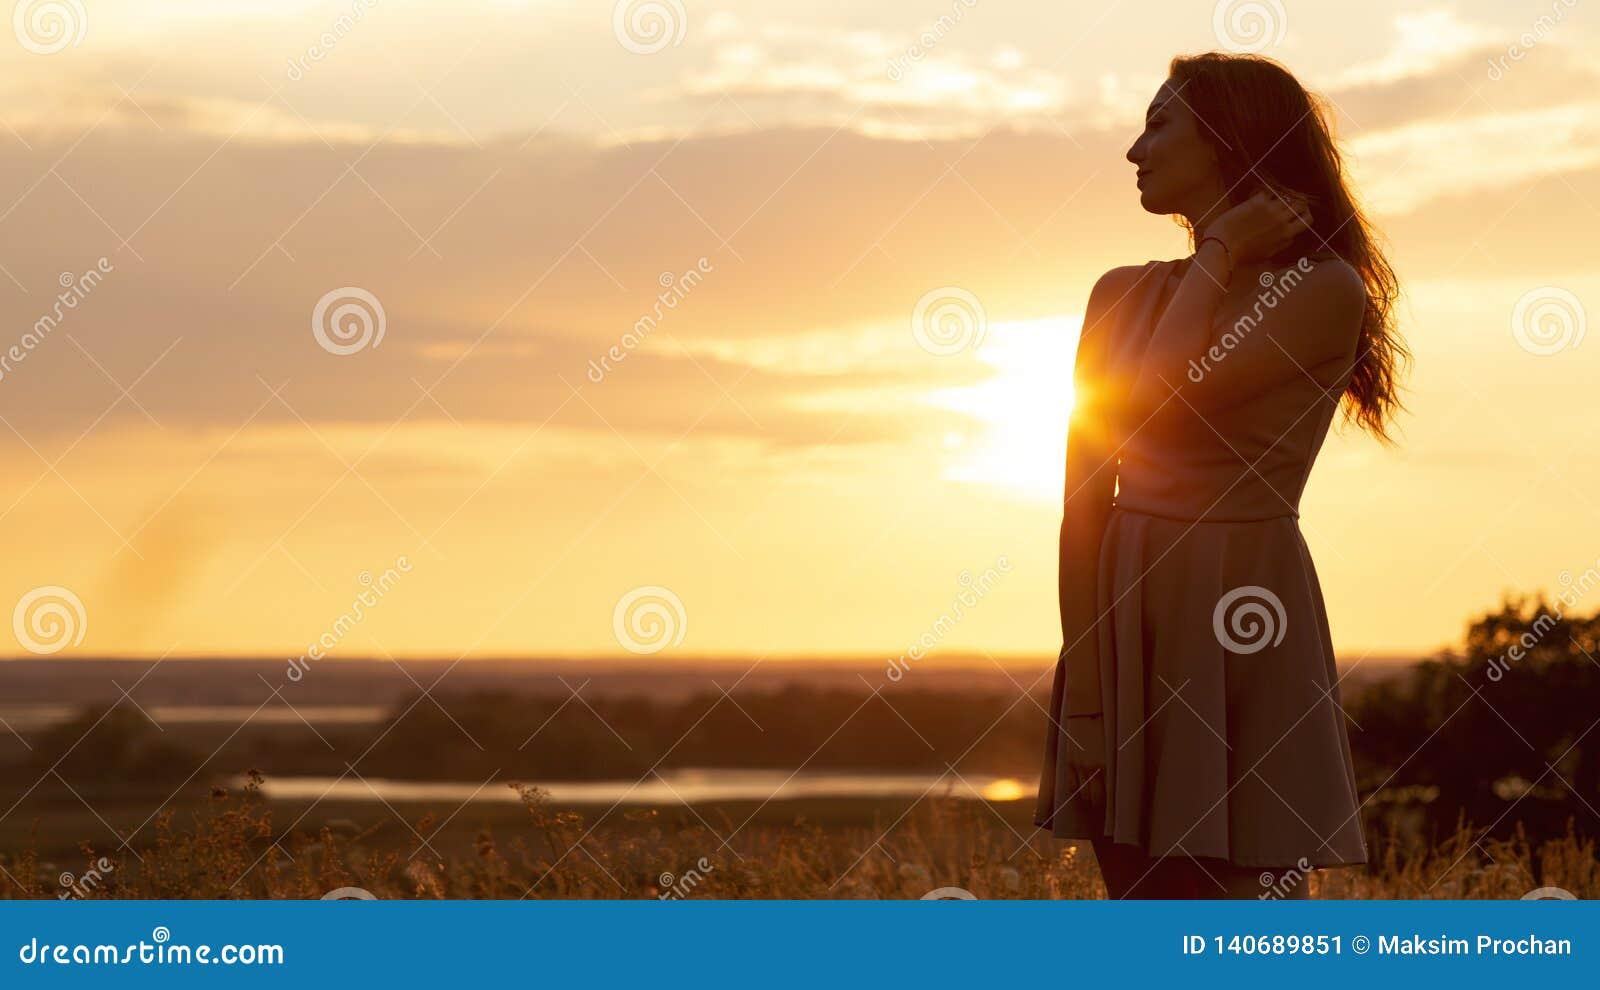 Silhueta da menina sonhadora em um campo no por do sol, uma jovem mulher em um embaçamento do sol que aprecia a natureza, estilo